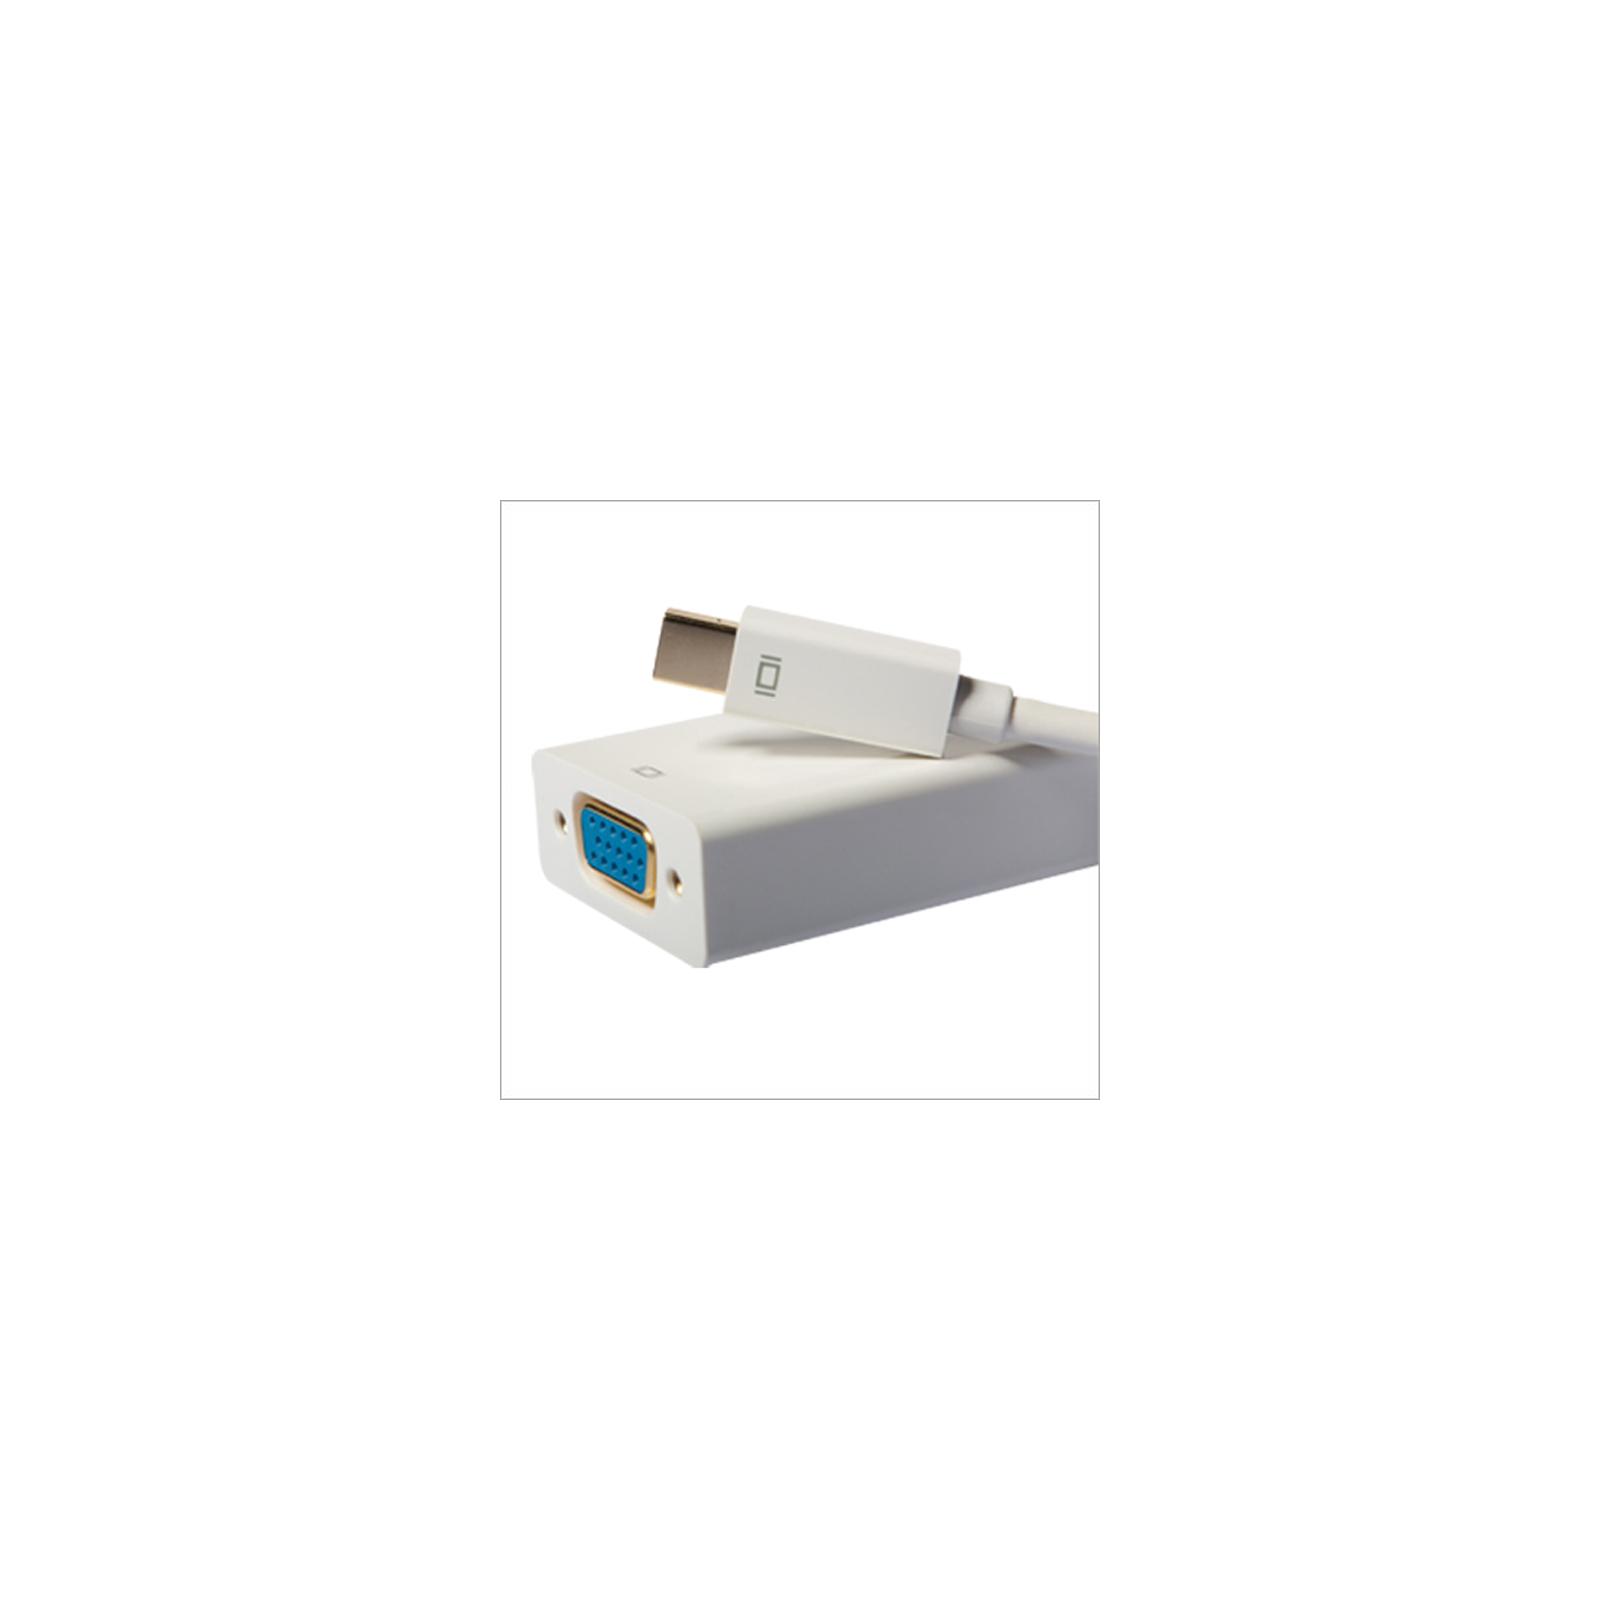 Переходник miniDisplayPort to VGA 0.15m Prolink (MP351) изображение 3